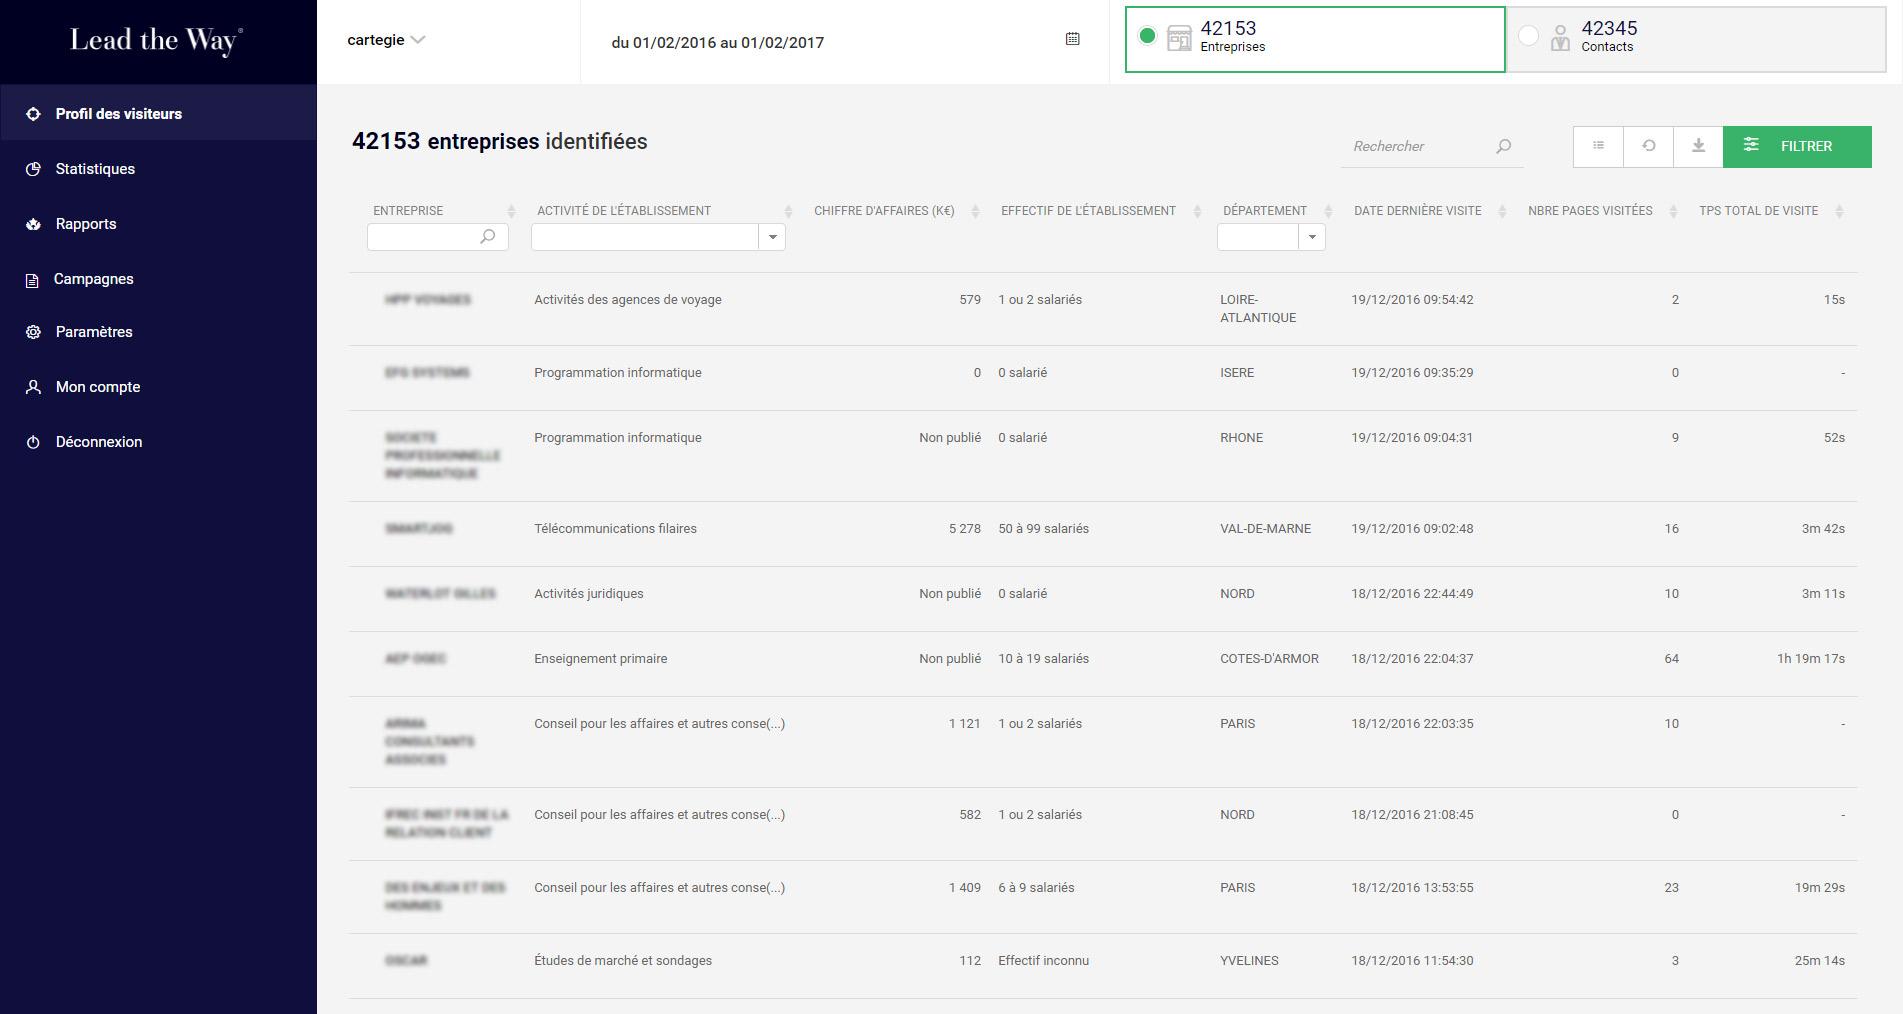 L'outil de web tracking b2b Lead the Way par Cartégie